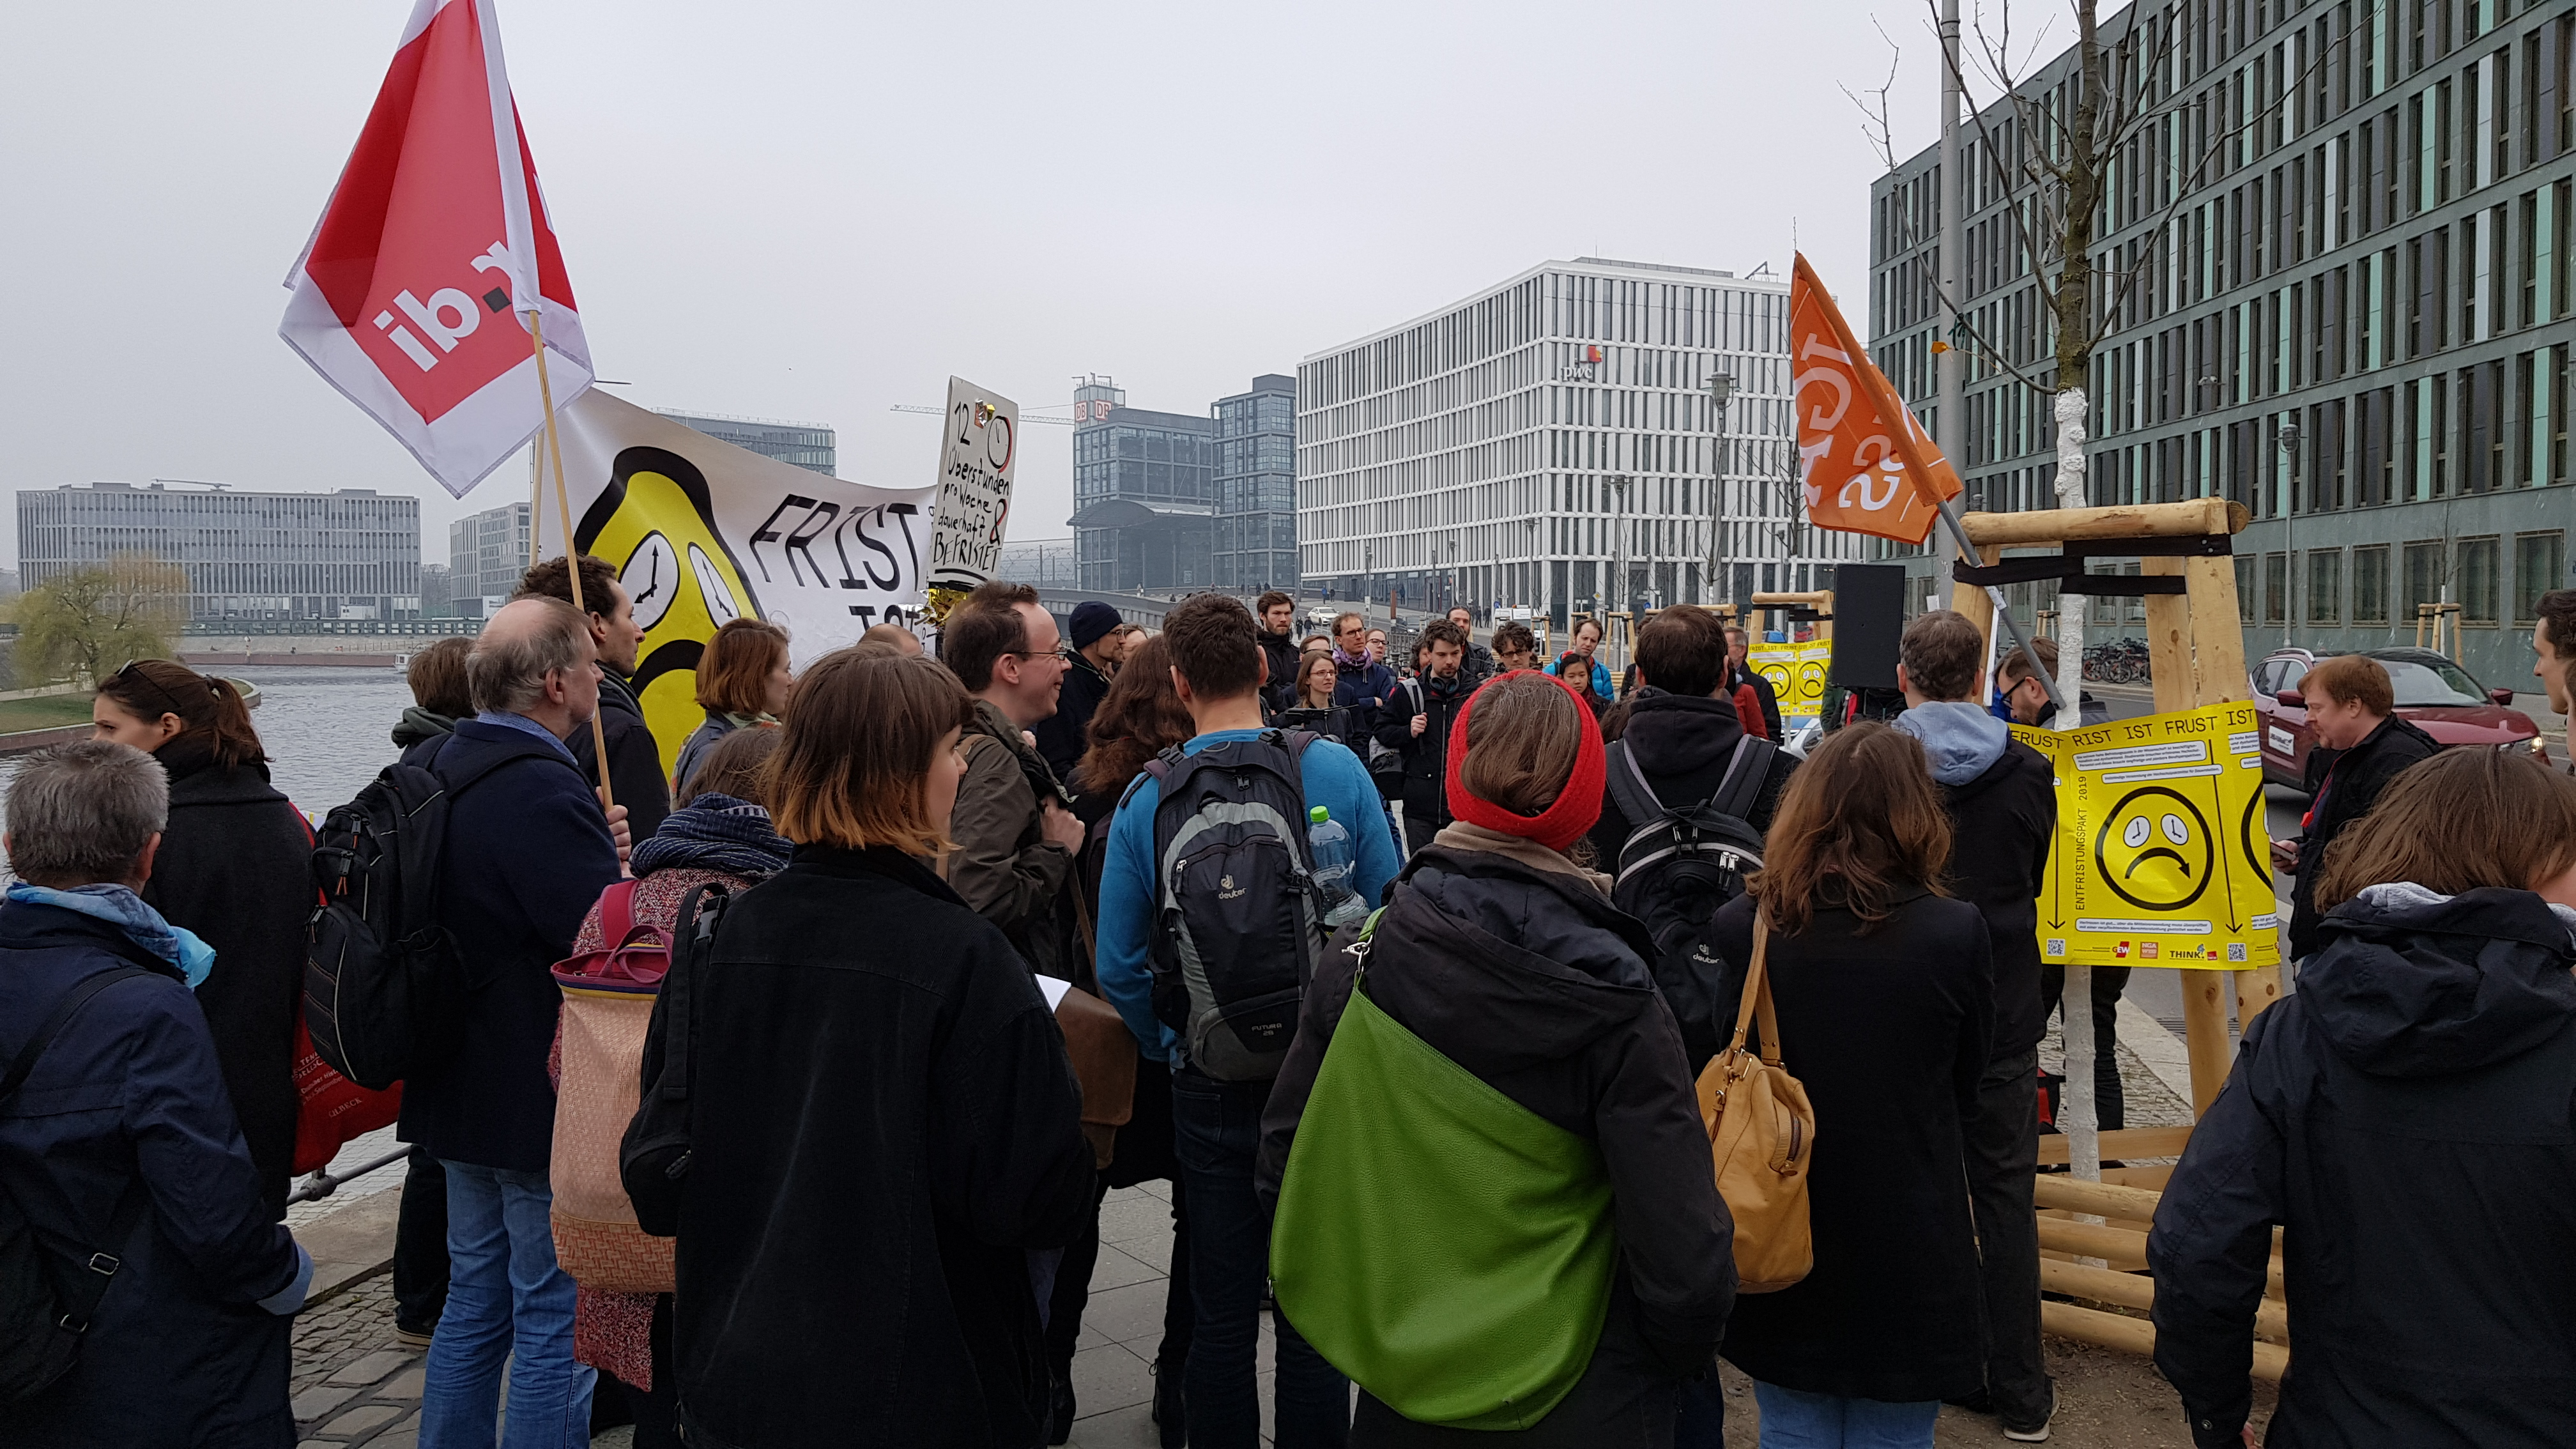 Protestaktion von Wissenschaftler*innen und Gewerkschaften vor dem Bildungsministerium